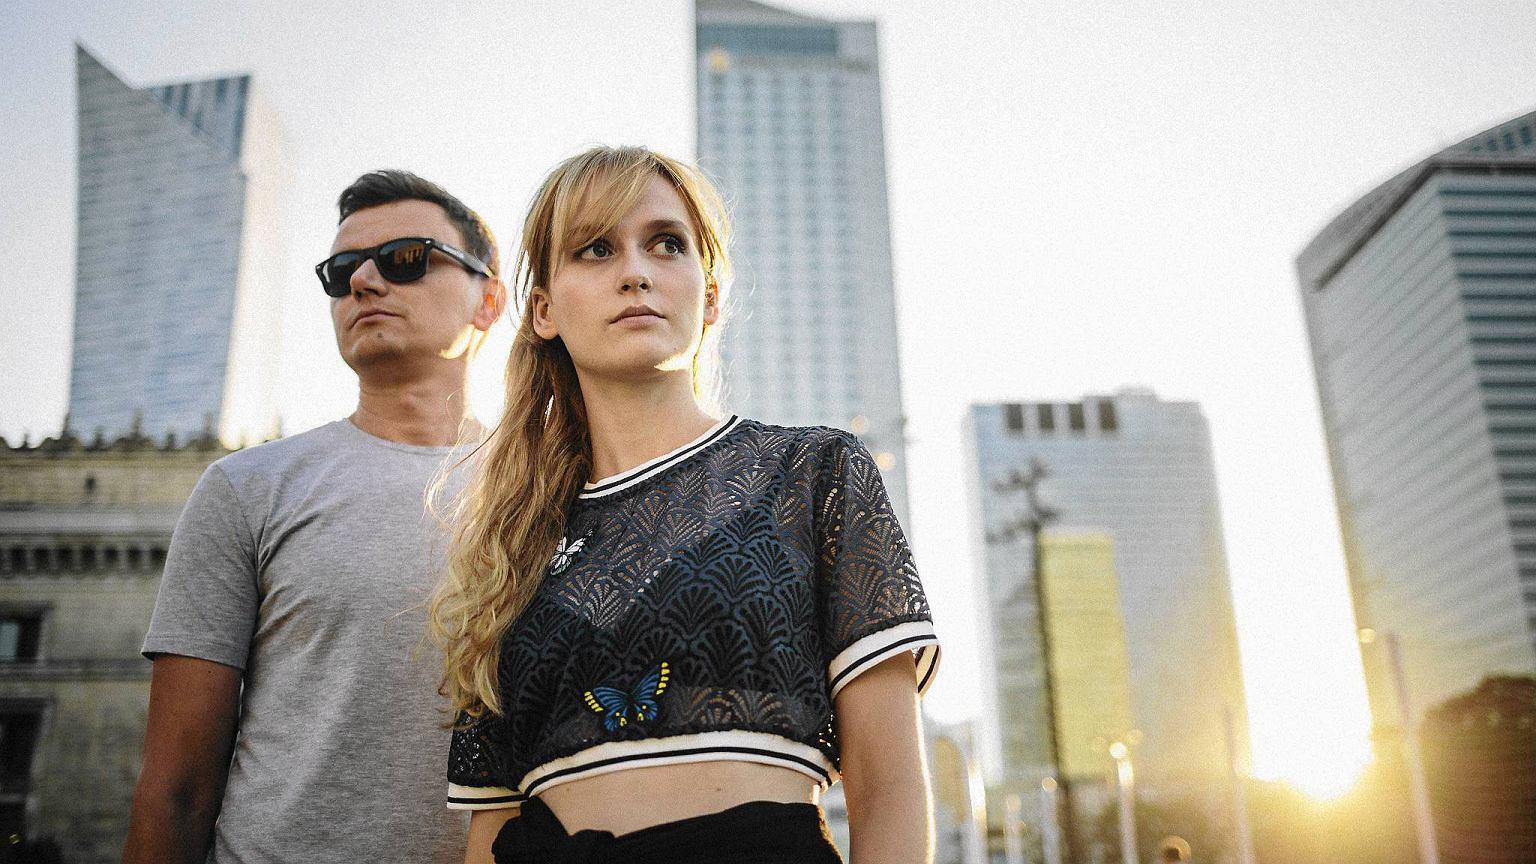 Na zdjeciu widzimy mezyczyzne w okularach przeciwslonecznych oraz kobiete blondynke na tle architektury warszawskiej